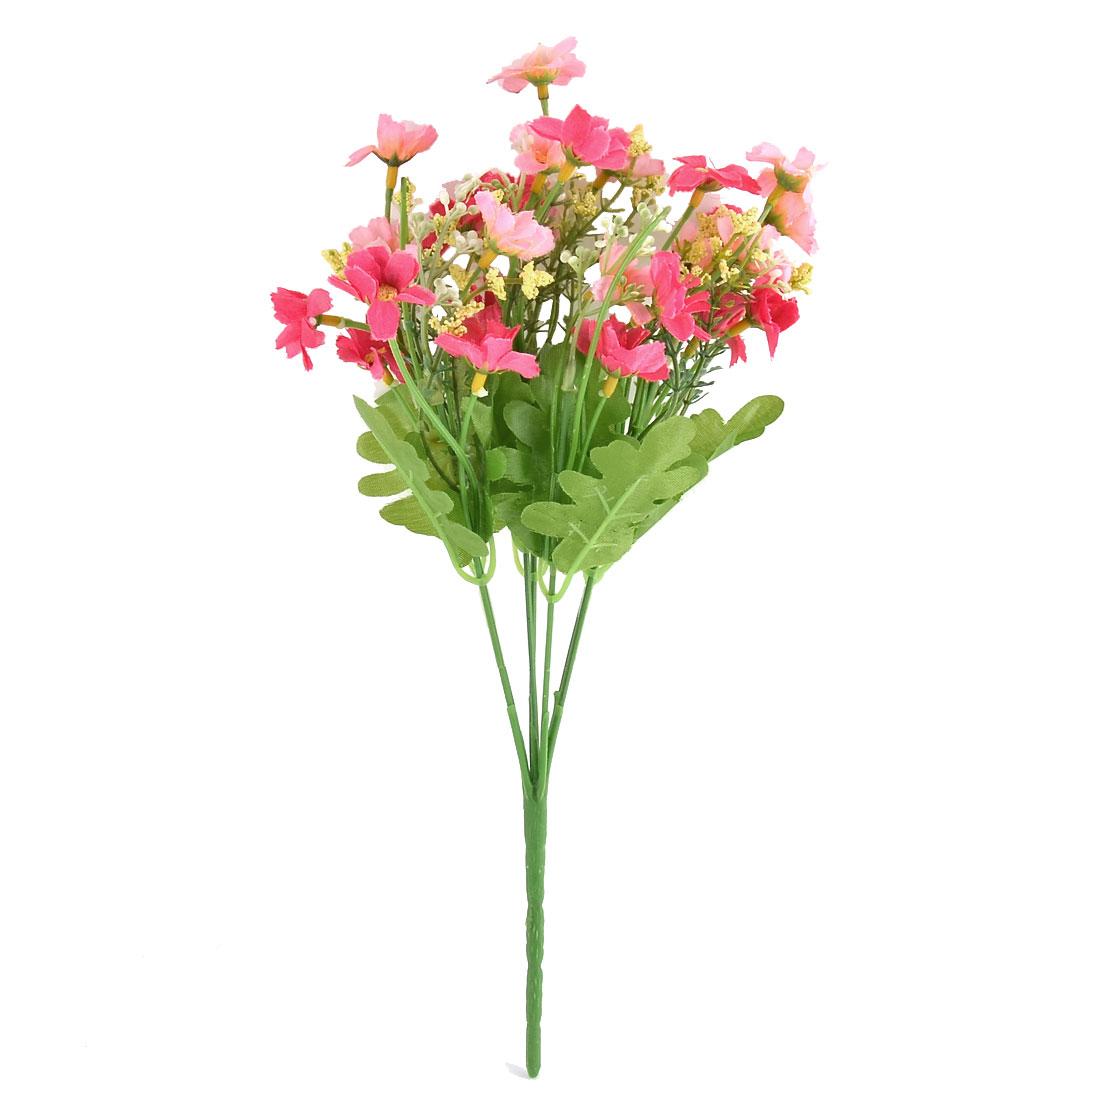 Wedding Banquet Garden Ornament Chrysanthemum Flower Artificial Bouquet Fuchsia